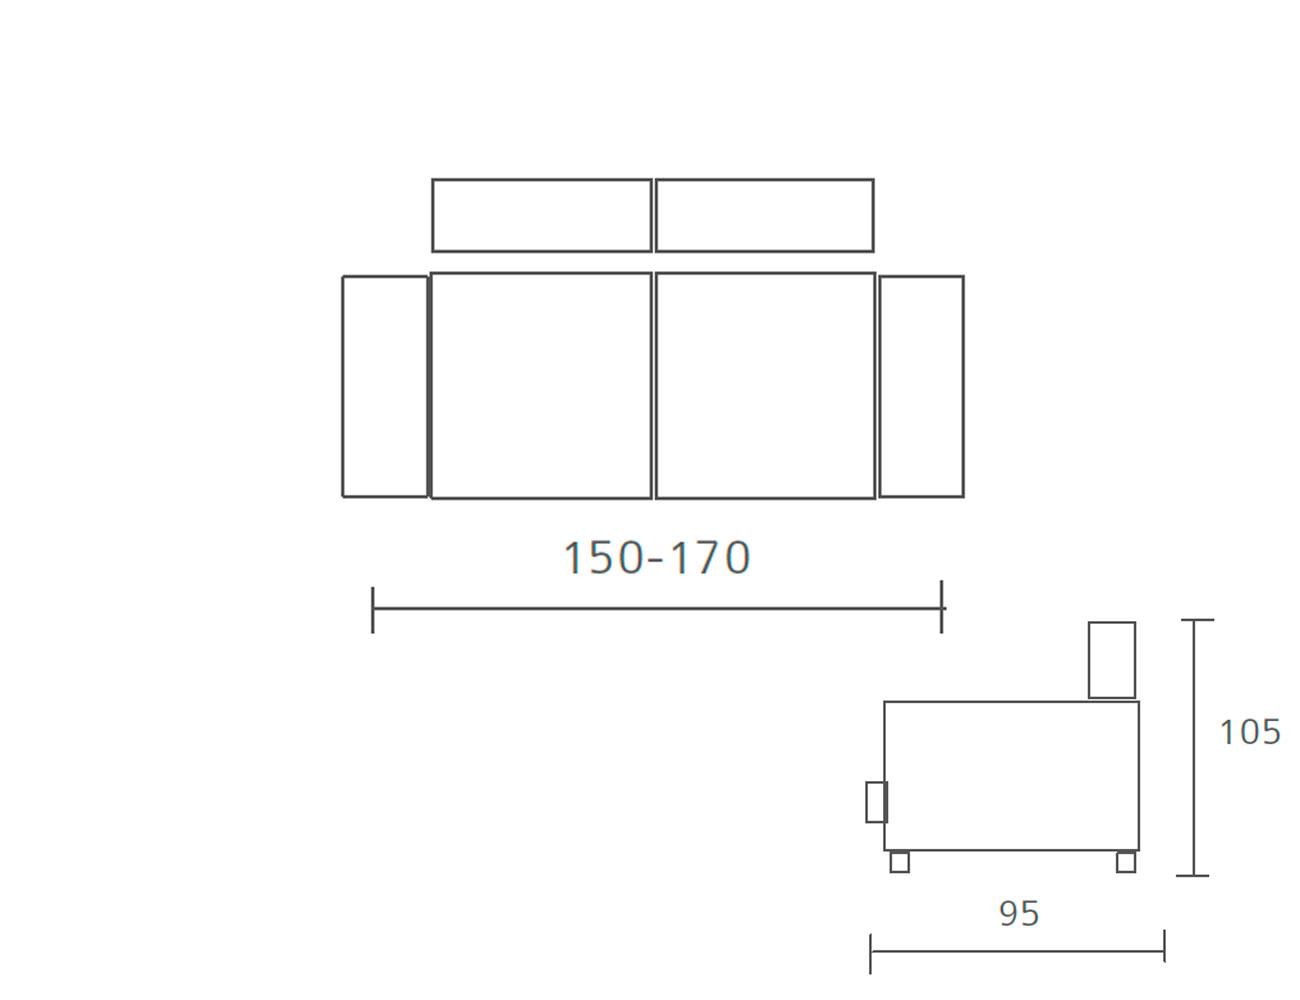 Sofa pedro ortiz fijo 2 plazas 150 1703